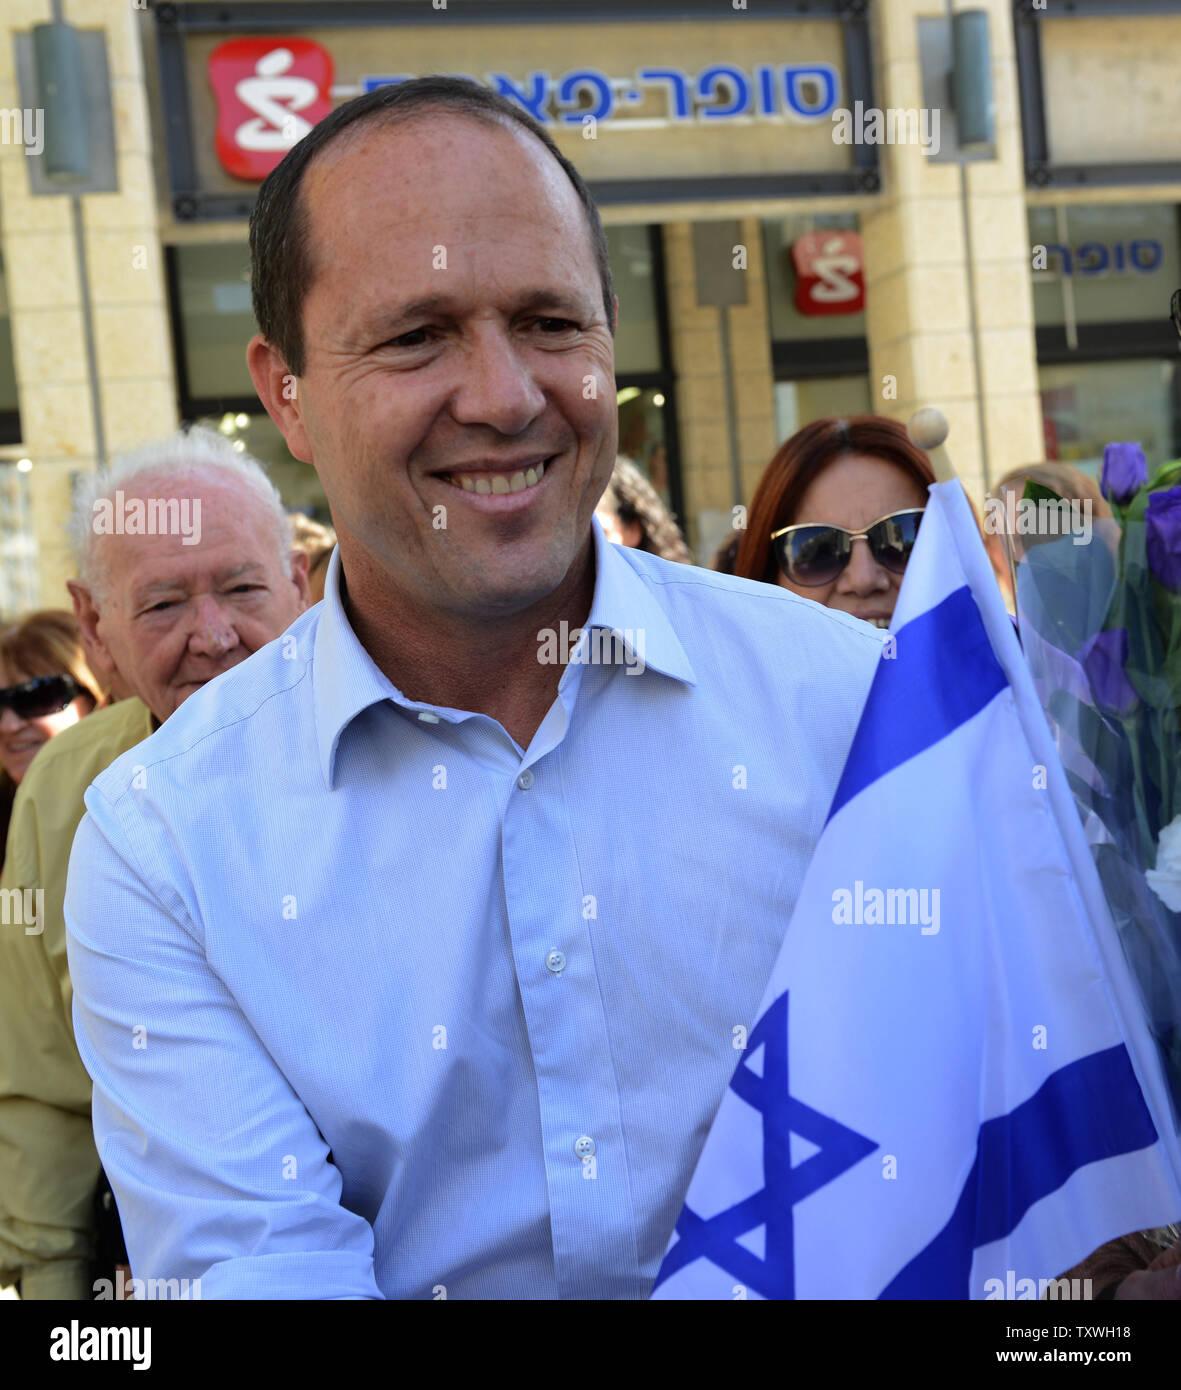 Jerusalem Mayor and candidate in Israel's municipal elections, Nir Barkat, campaigns in Jerusalem, Israel, October 22, 2013. UPI/Debbie Hill - Stock Image